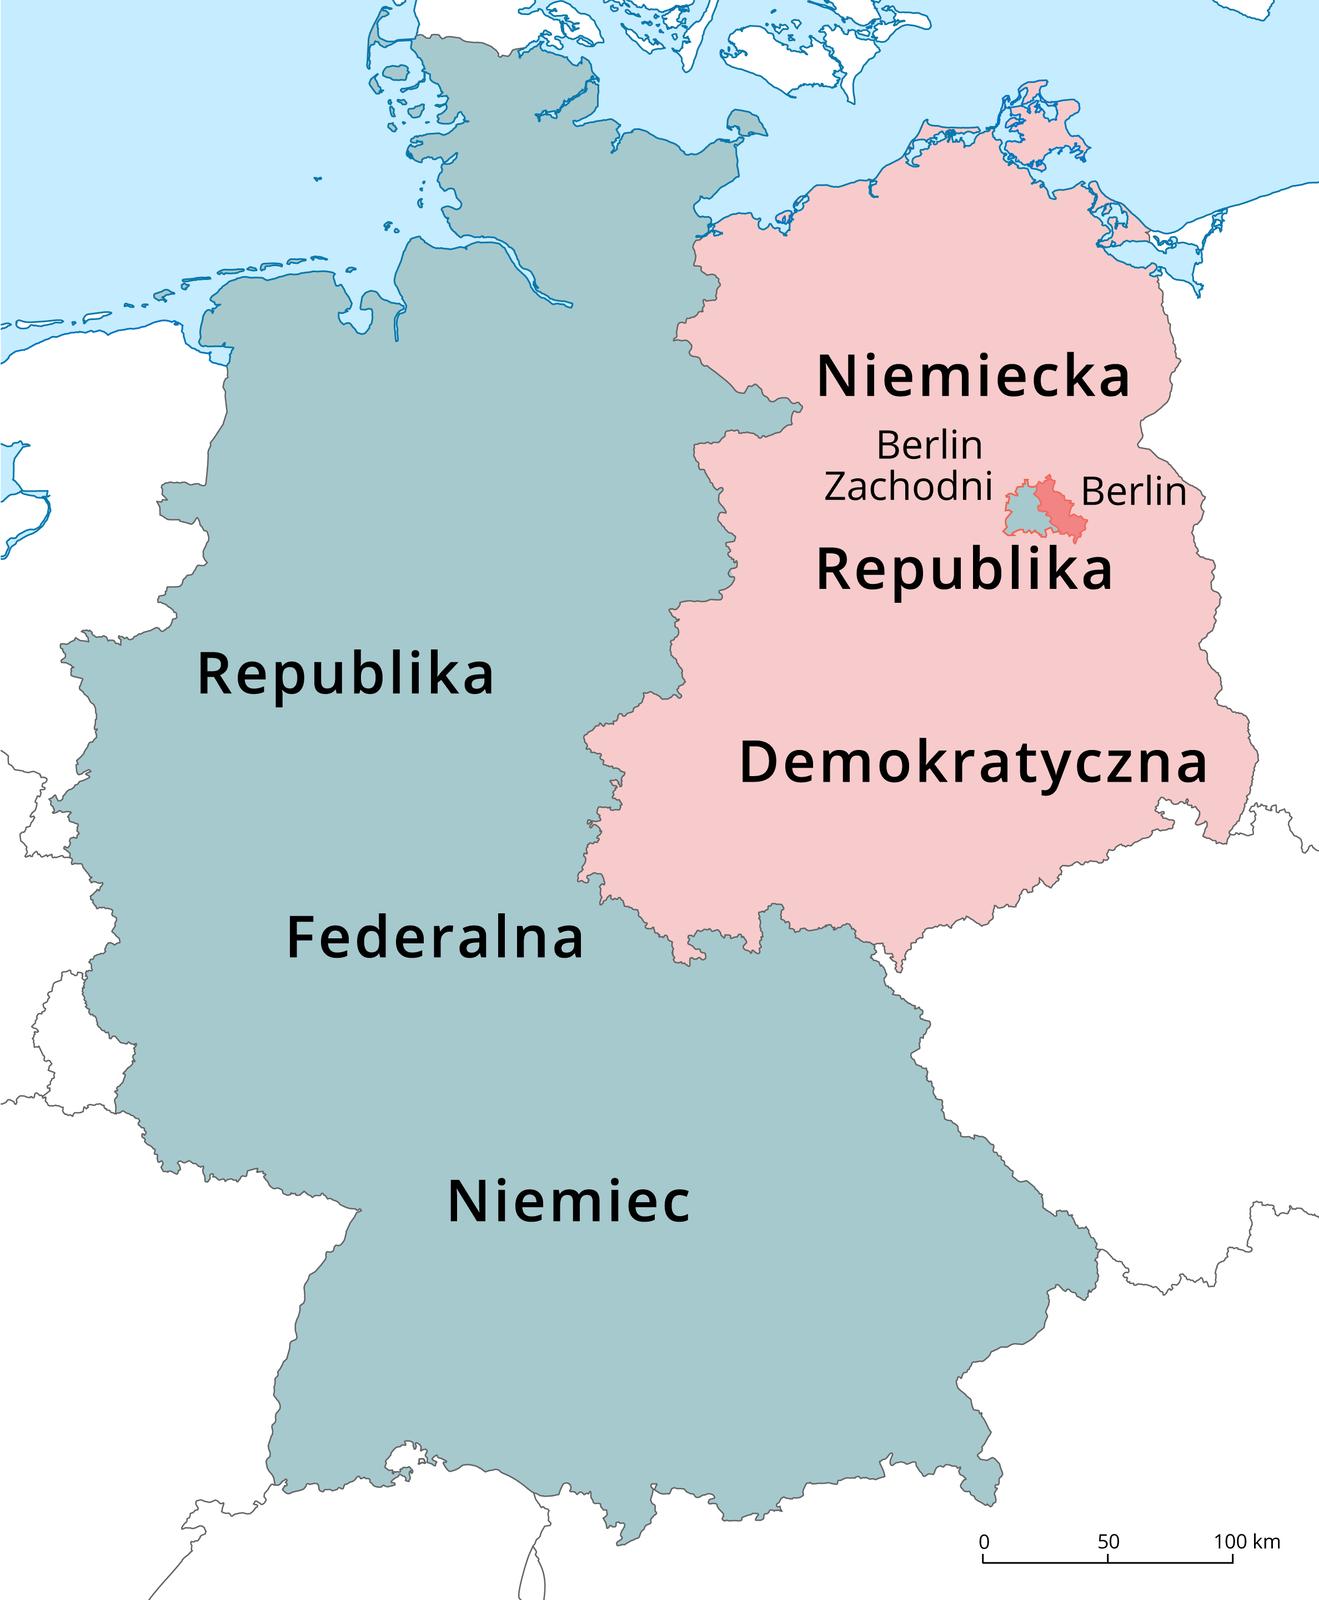 Na ilustracji mapa Niemiec. Kolorem niebieskim zaznaczono Republikę Federalną Niemiec po zachodniej stronie. Kolorem różowym zaznaczono Niemiecką Republikę Demokratyczną po wschodniej stronie mapy. Wjej obrębie ciemniejszym kolorem różowym zaznaczono zarysy Berlina. Kolorem niebieskim wydzielono Berlin Zachodni.